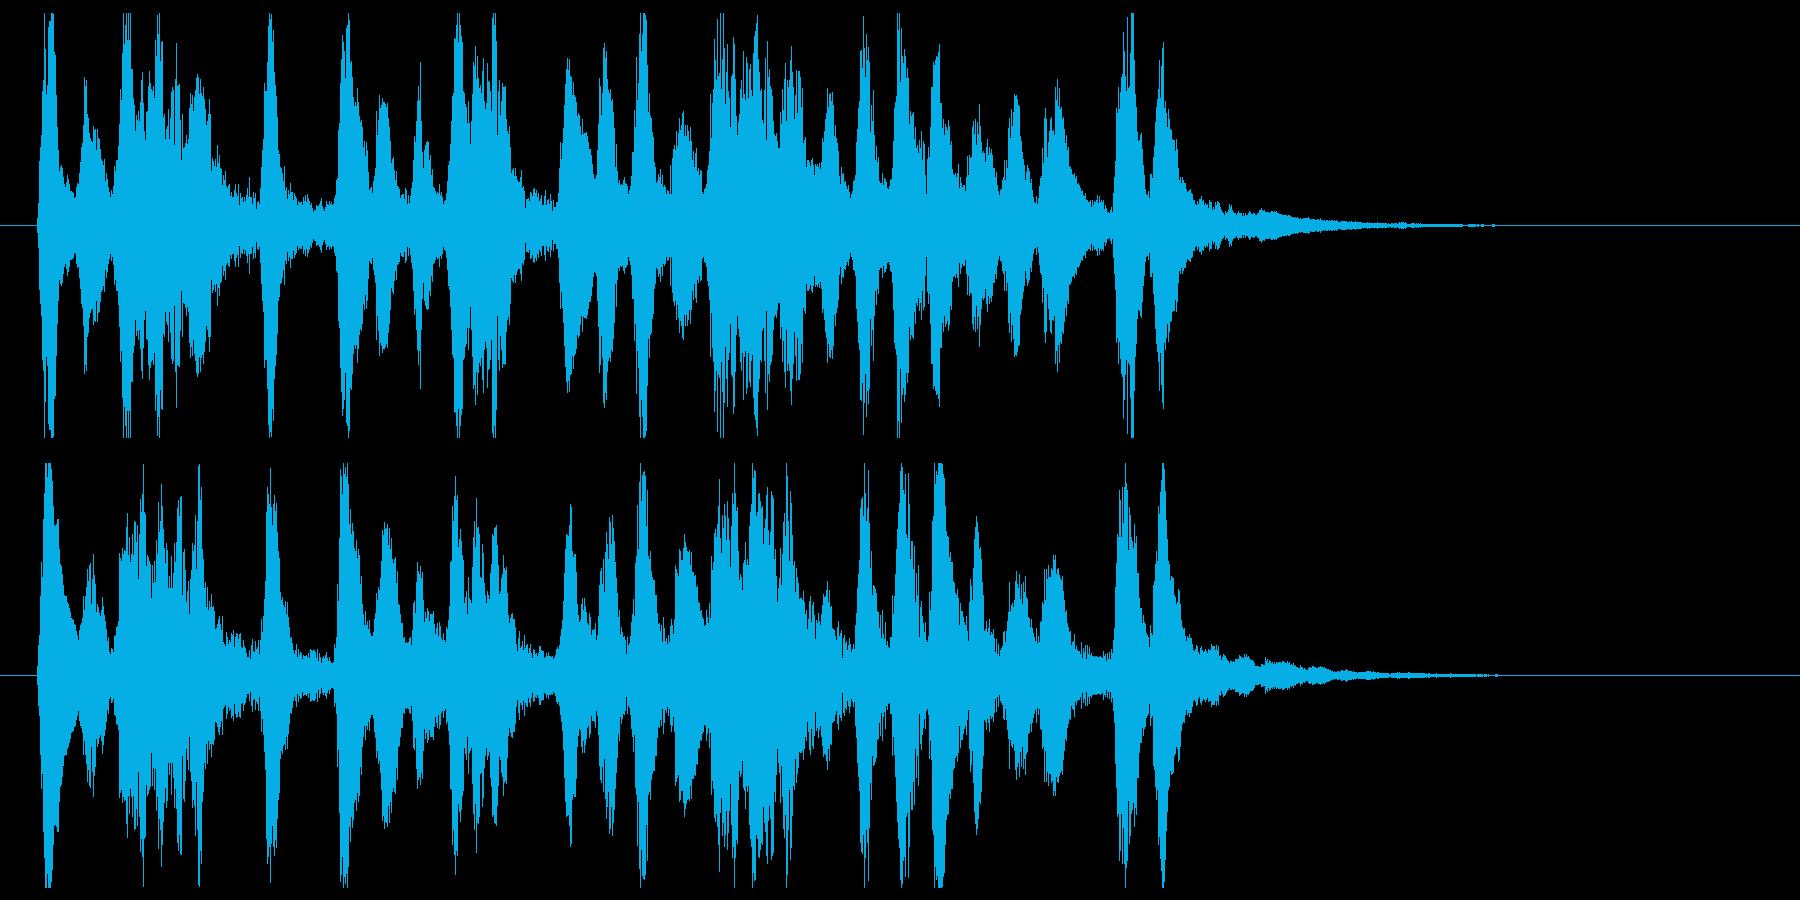 ストリングスを使用した高貴なイメージ音源の再生済みの波形